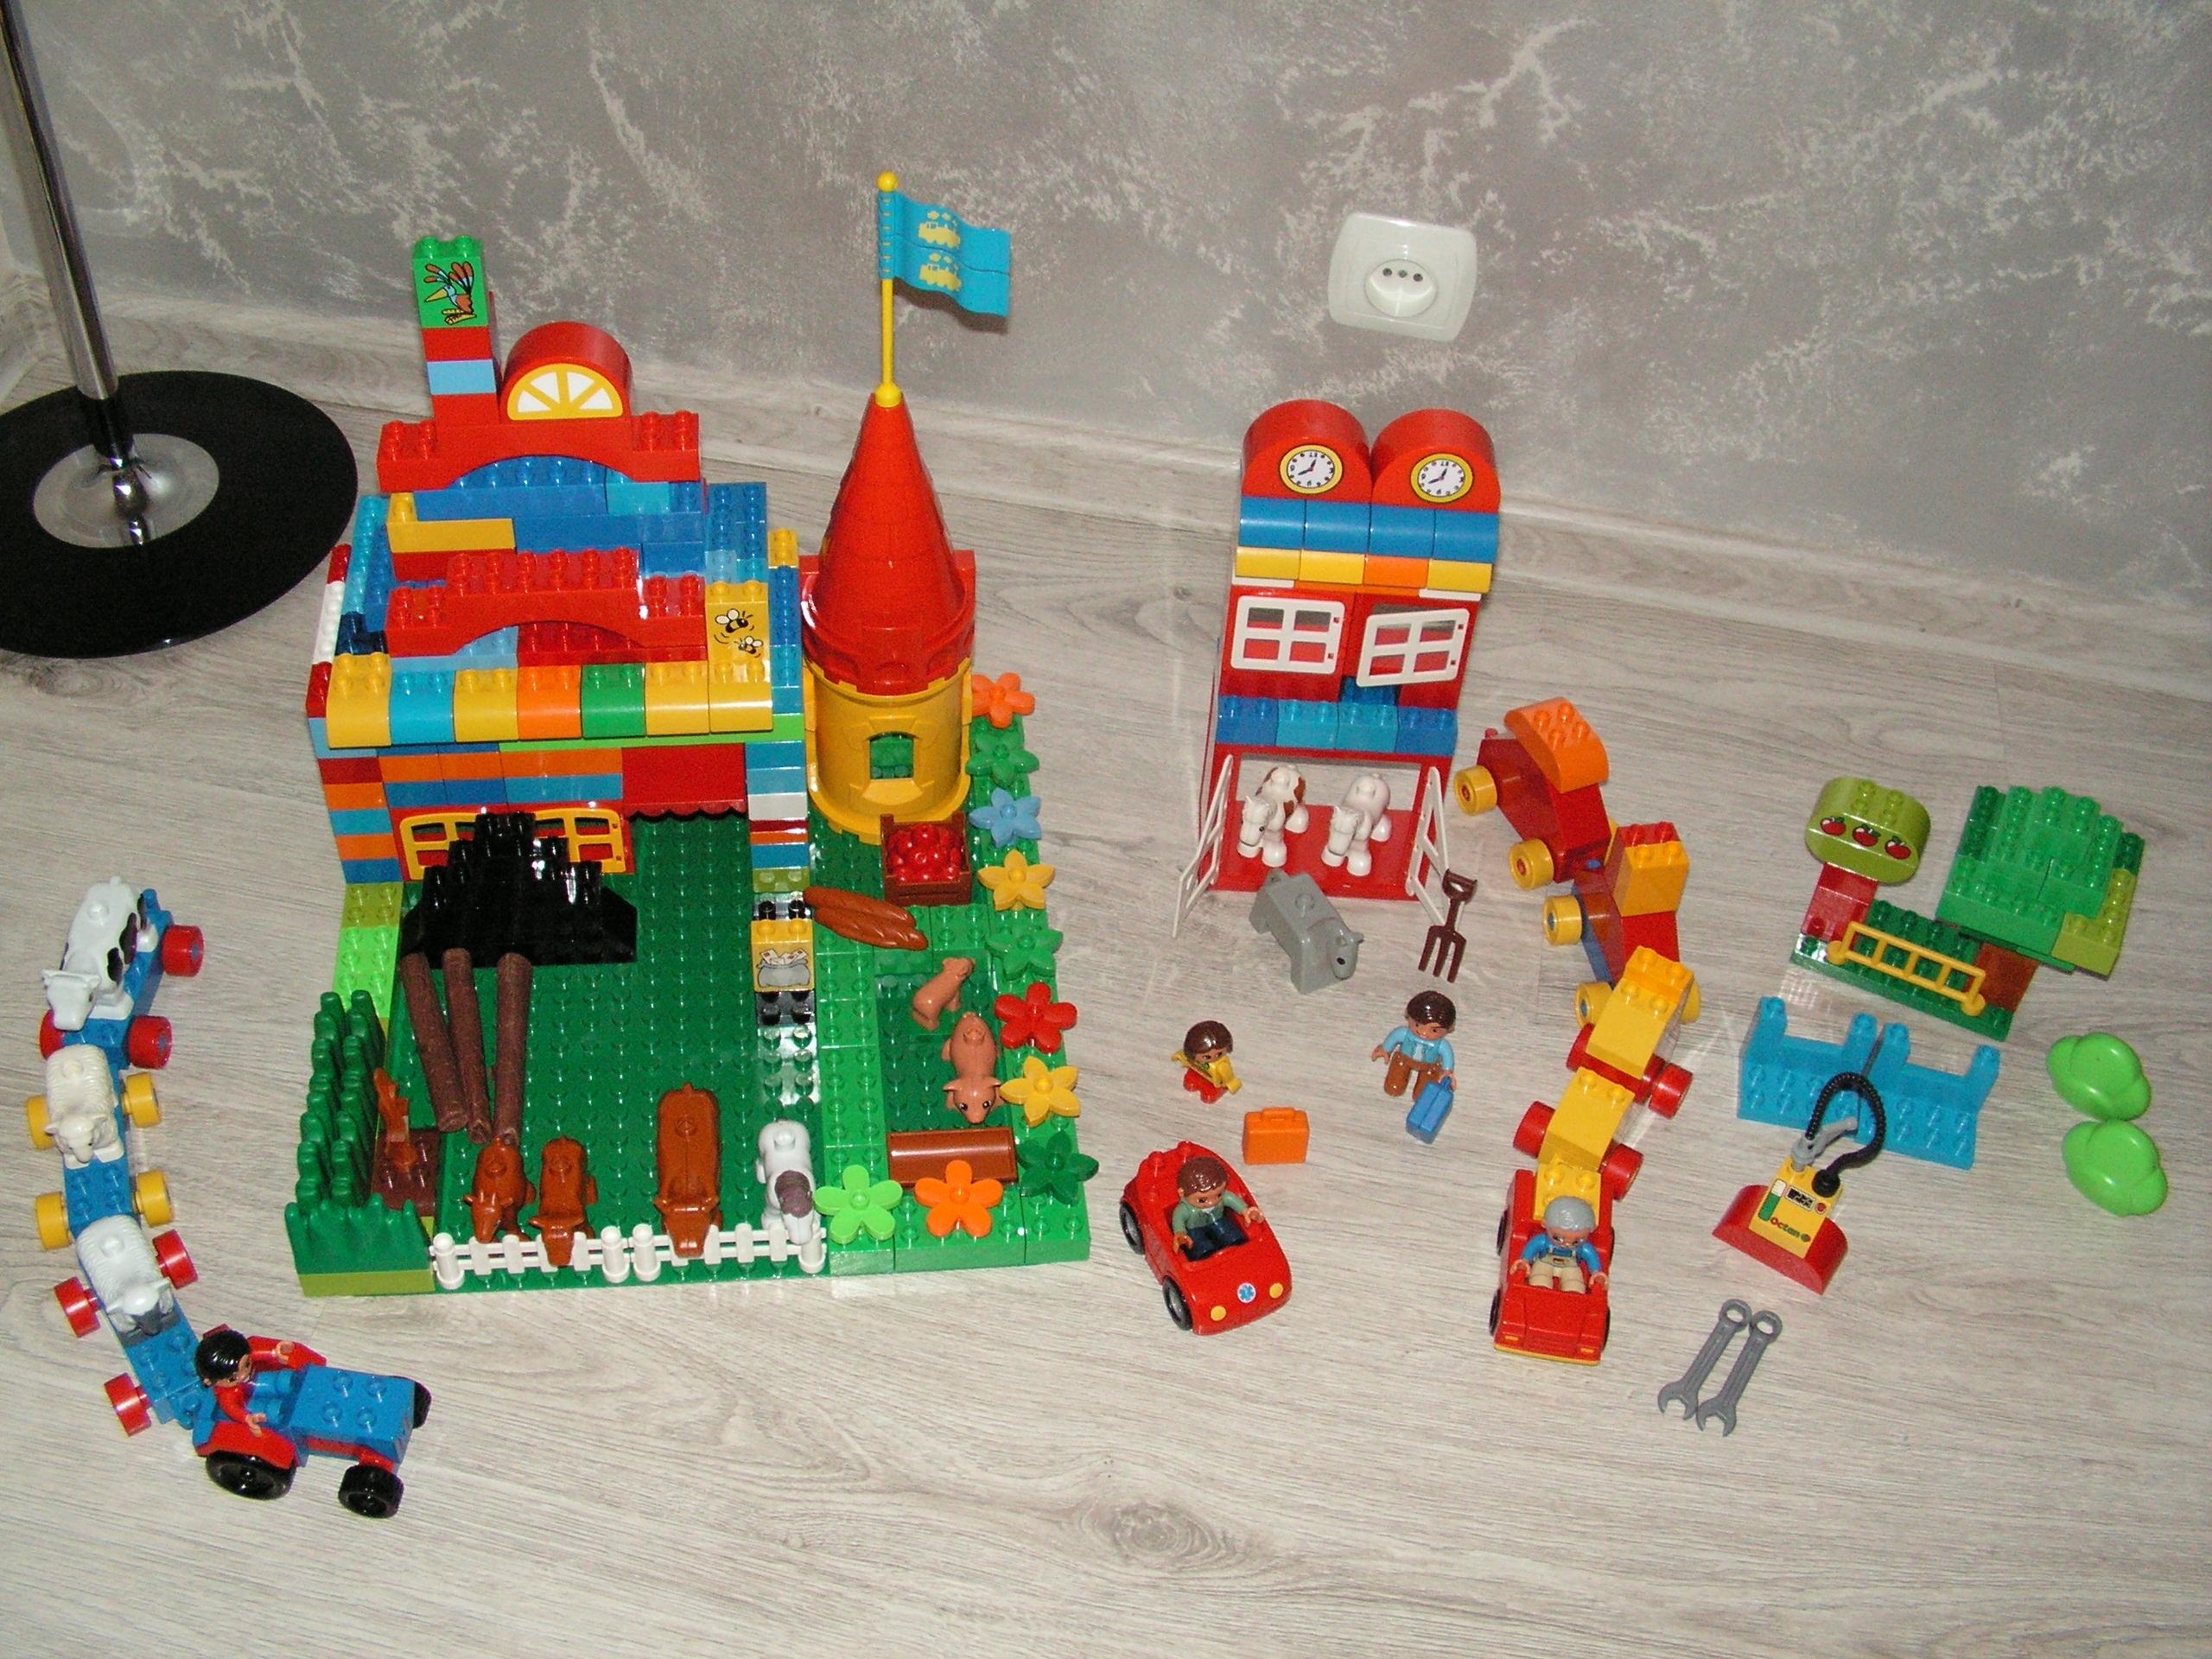 Klocki Lego Duplo I Play Big Bloxx Farma 7683021699 Oficjalne